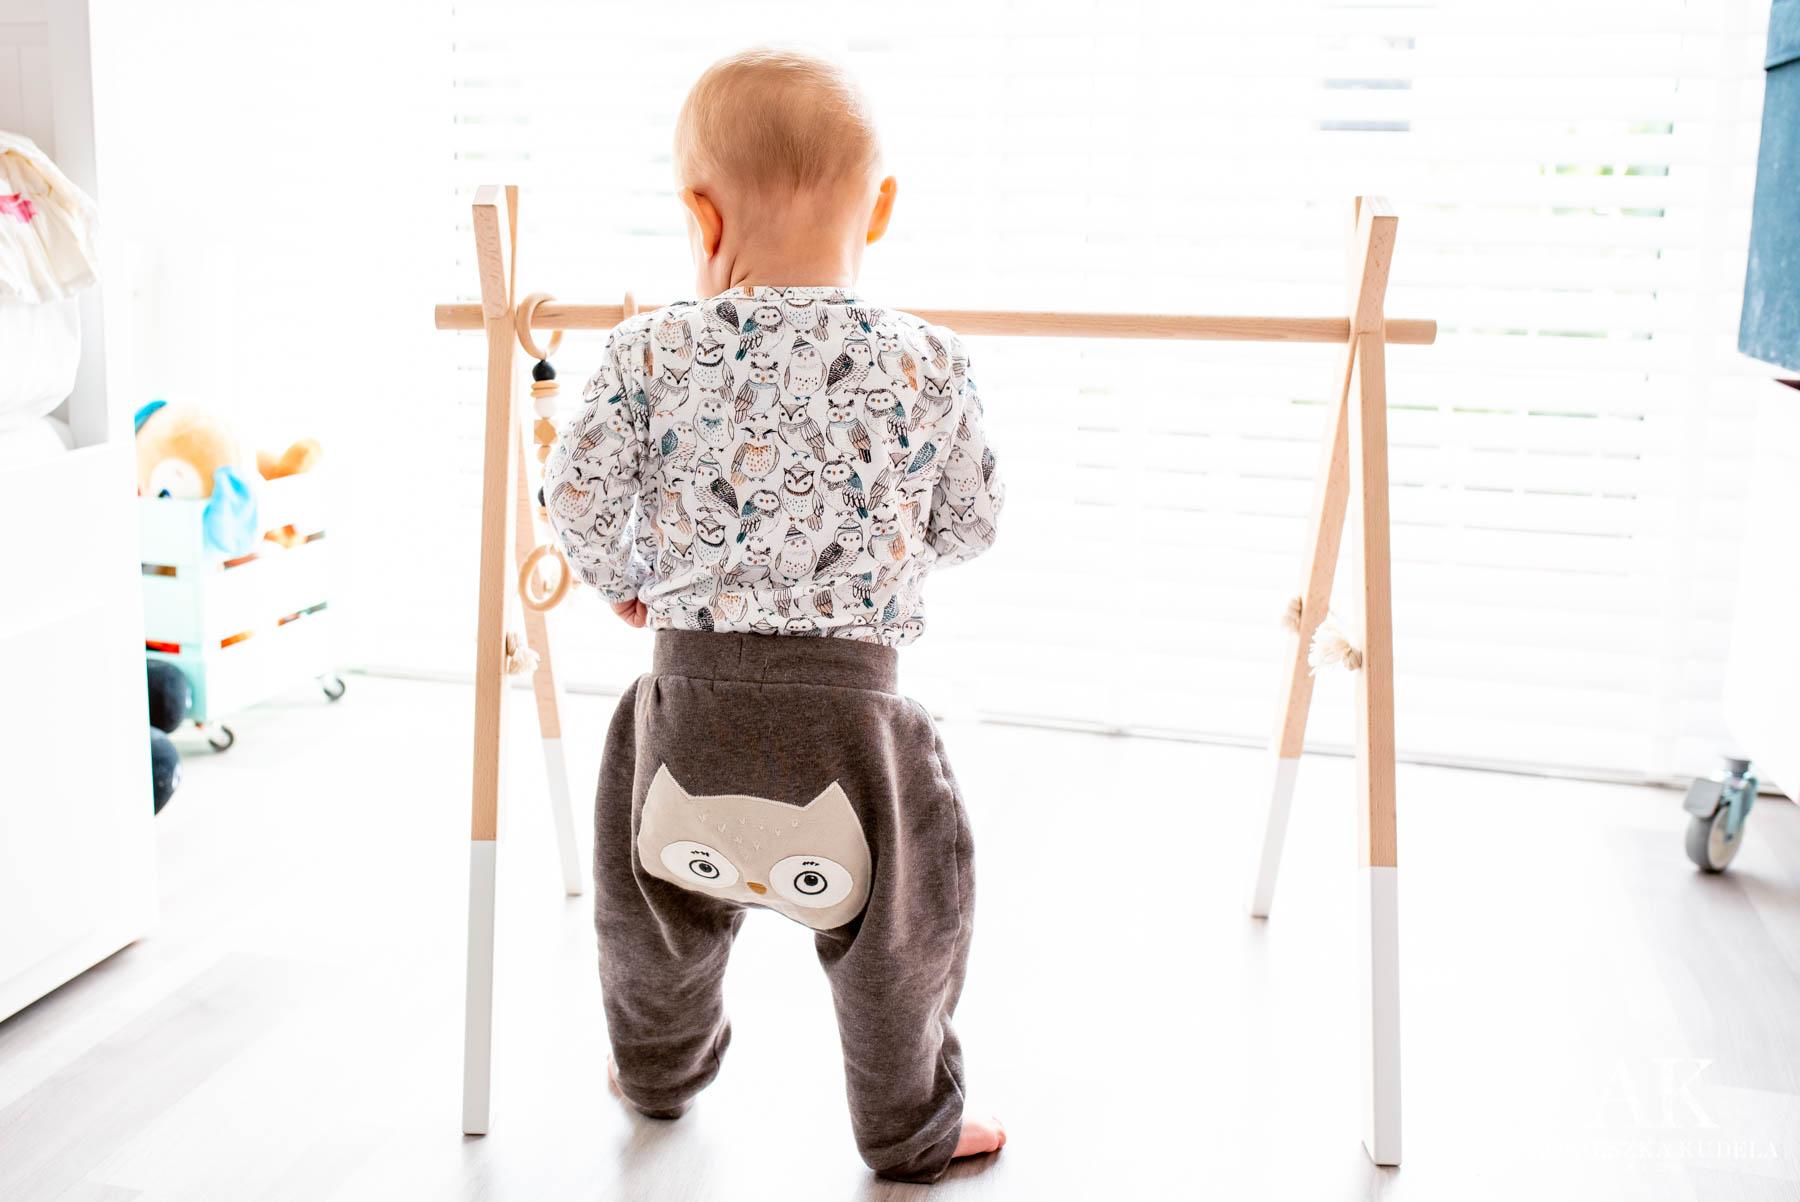 Baby Gym od Little Leaf zabawka sensoryczna